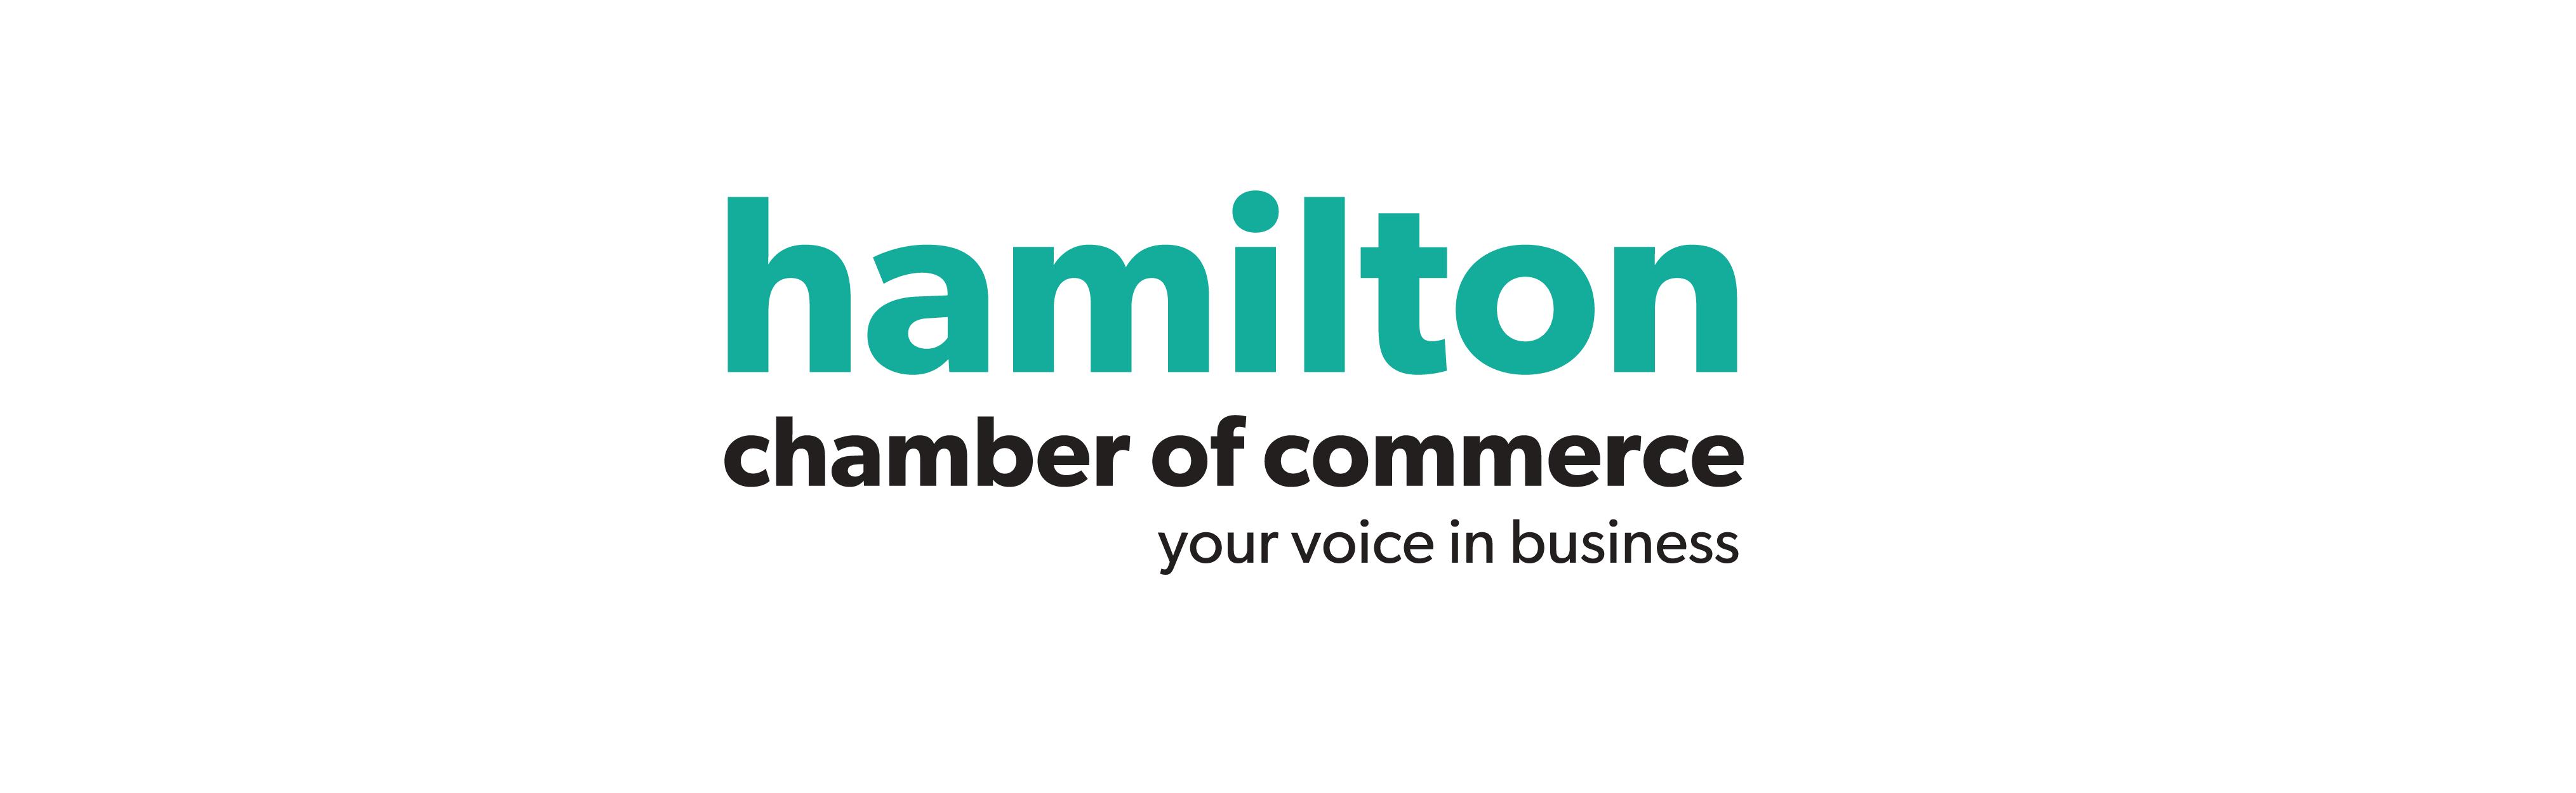 Hamilton chamber